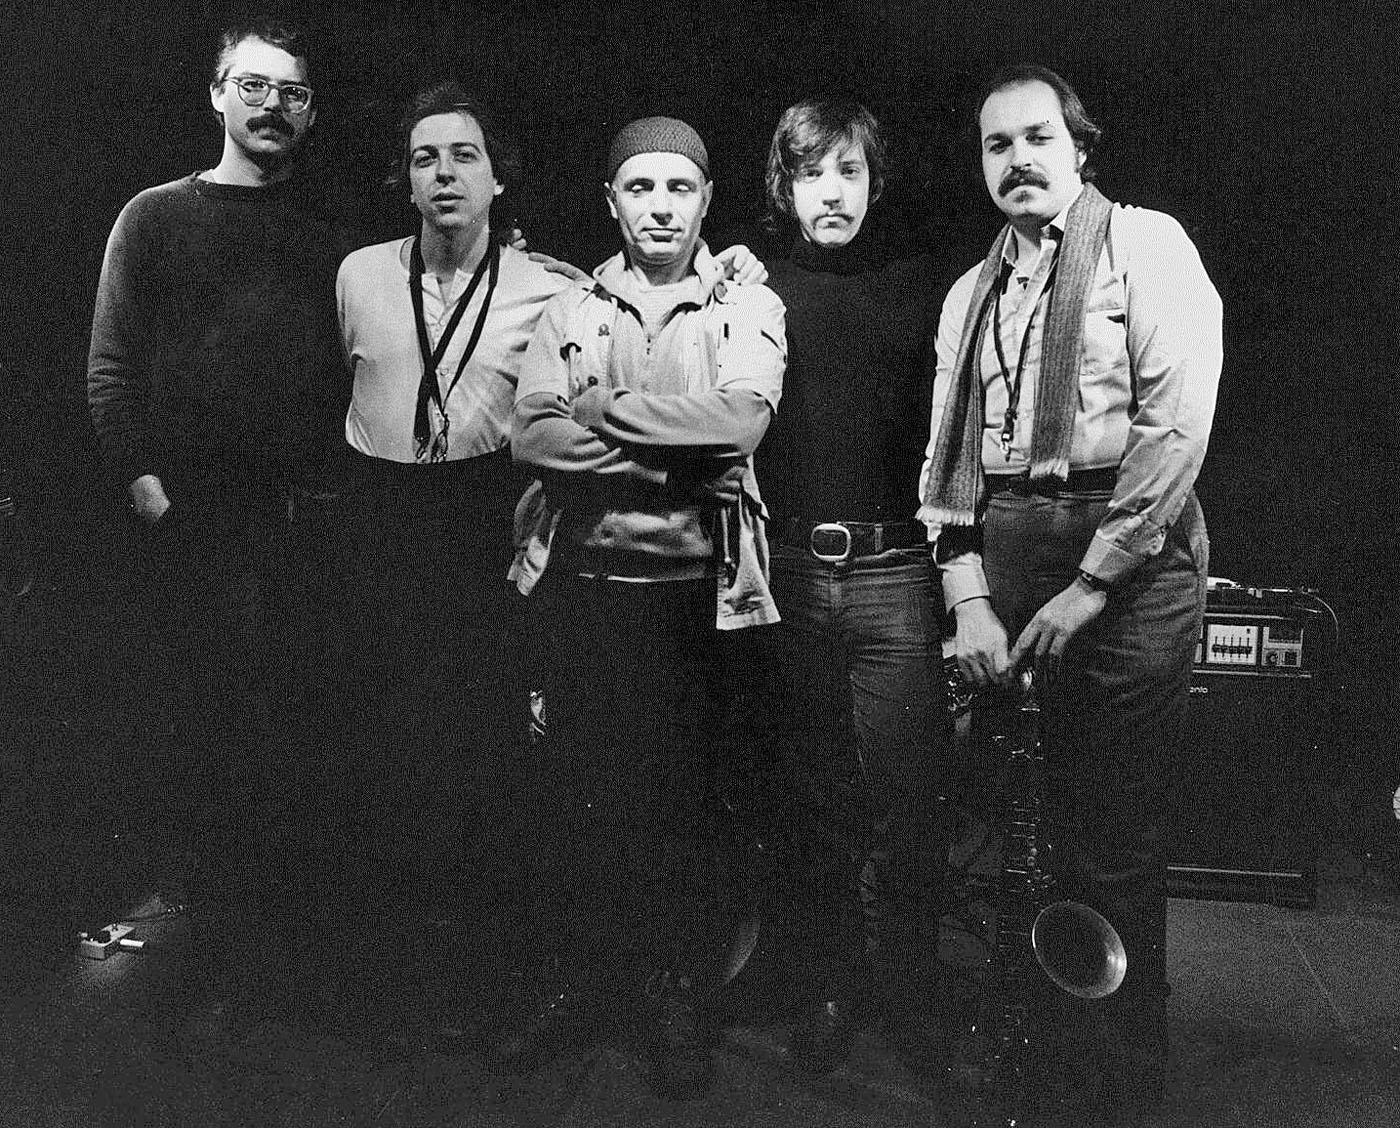 Paul Motian Band